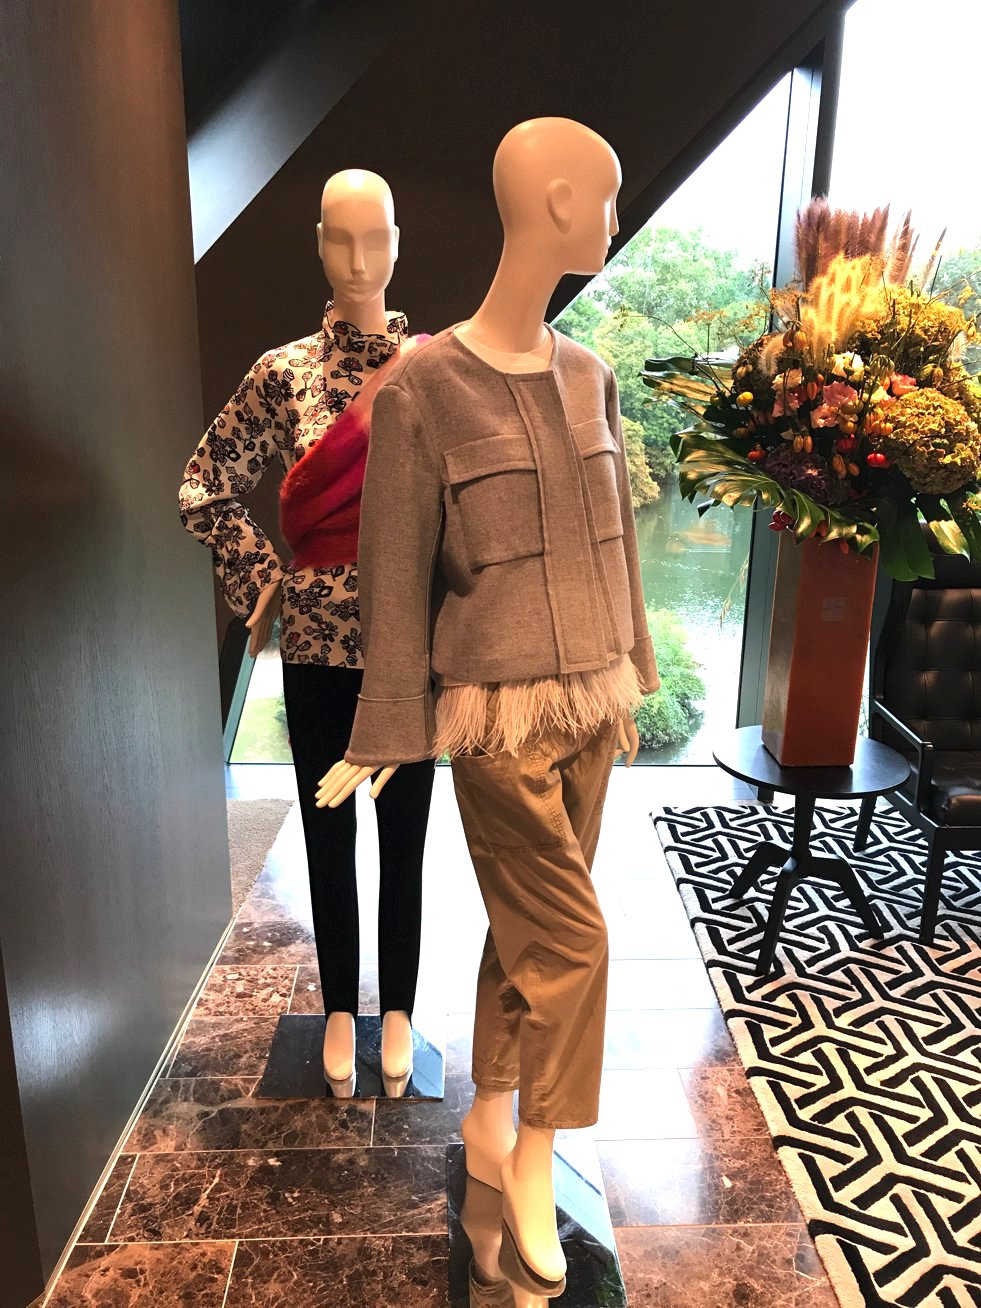 Dororthee Schumacher Capsule Collection, Capsule Collection Dorothee Schumacher, Dorothee Schumacher Breuninger, Fashion-Blog, Lifestyle-Blog, Lieblingsstil.com,